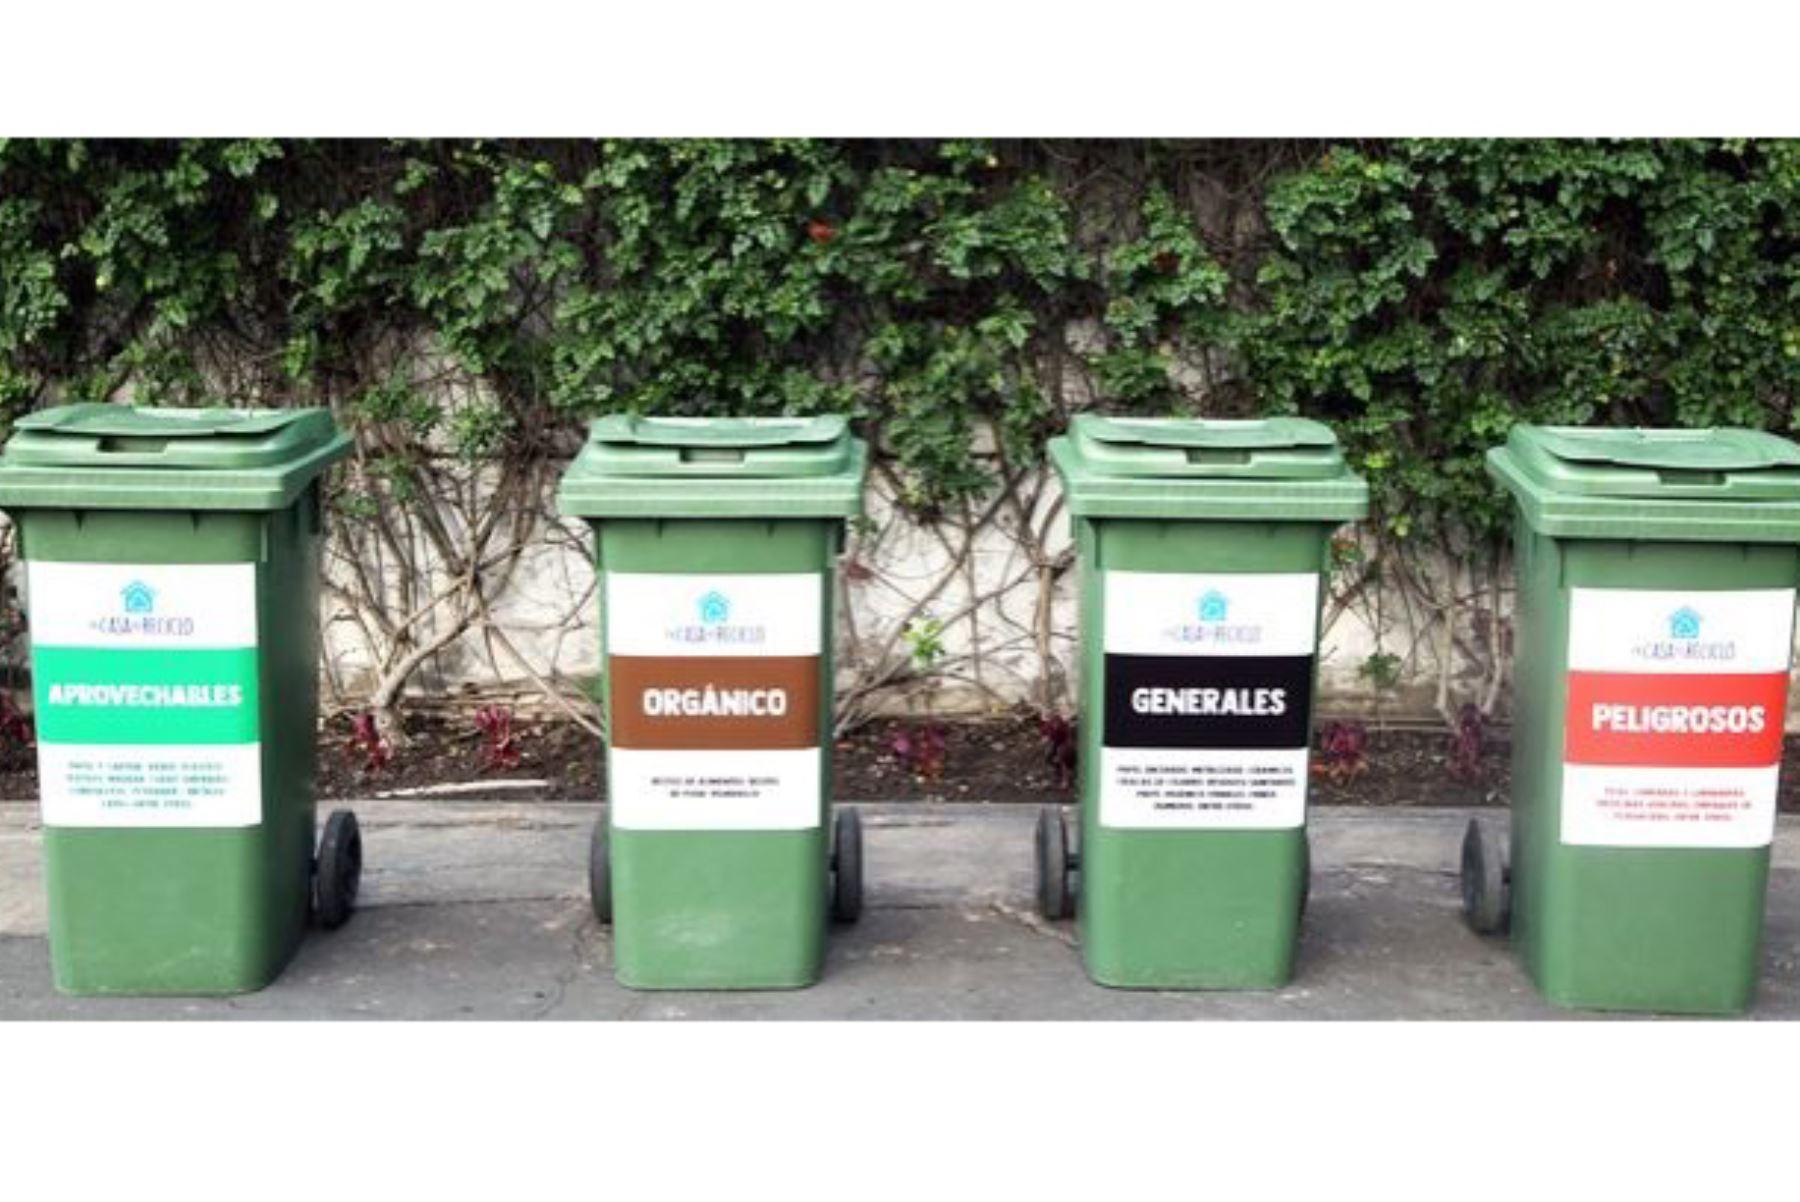 El código de colores para el almacenamiento de residuos sólidos permitirá hacer una segregación responsable de los residuos sólidos en el Perú. Foto: ANDINA/Difusión